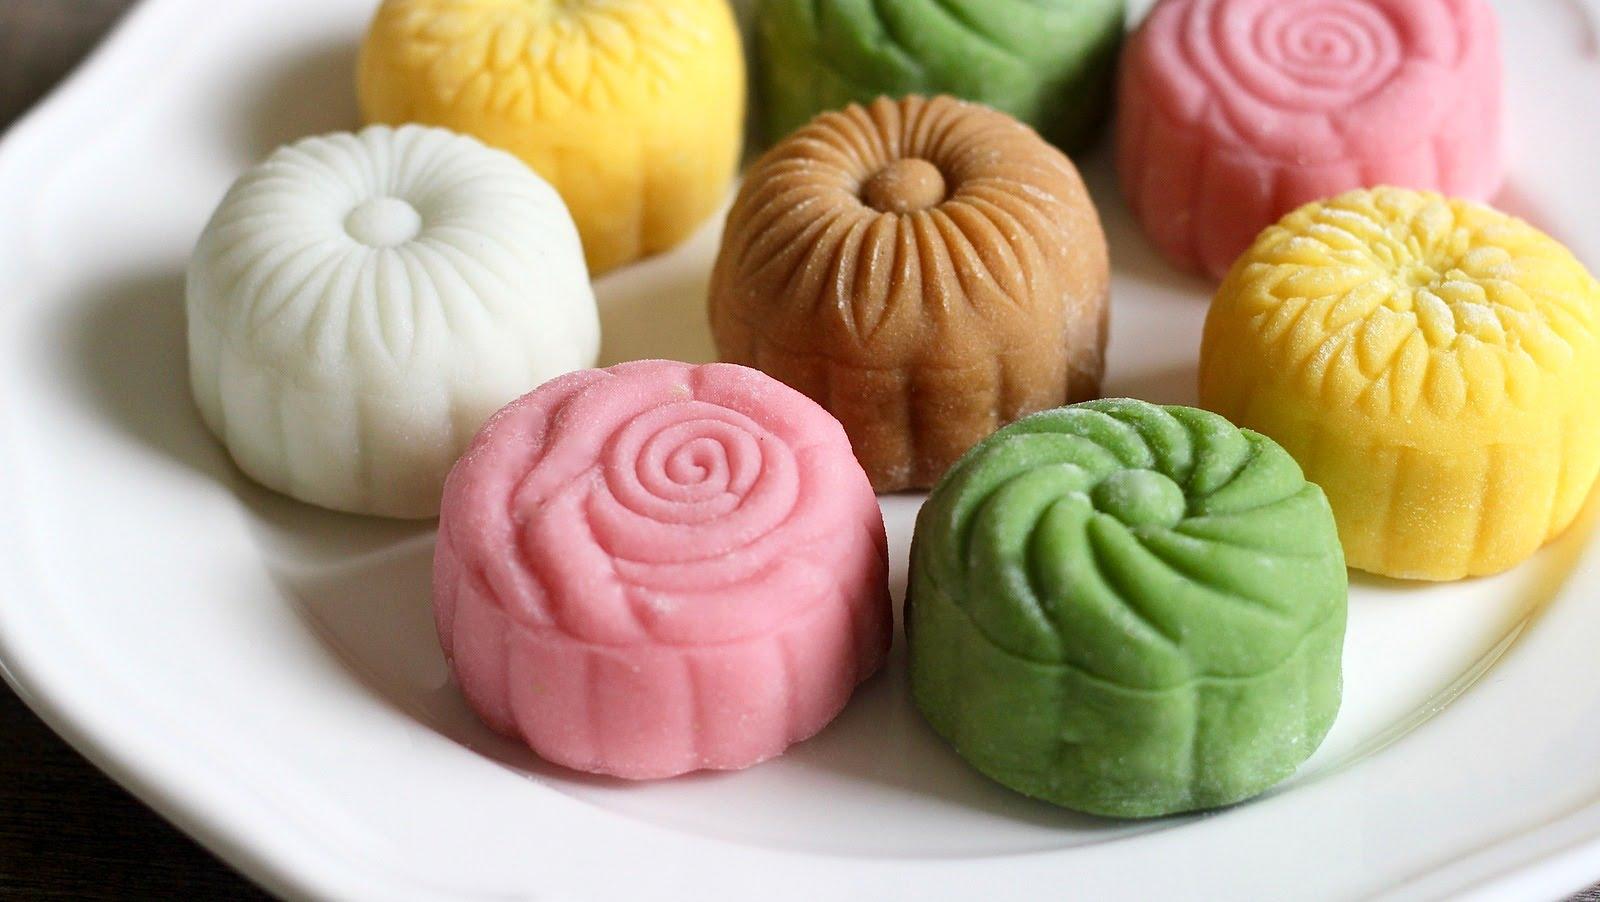 cách làm bánh dẻo lạnh singapore bánh dẻo lạnh Cách làm bánh dẻo lạnh kiểu Singapore hút mắt cach lam banh deo lanh singapore